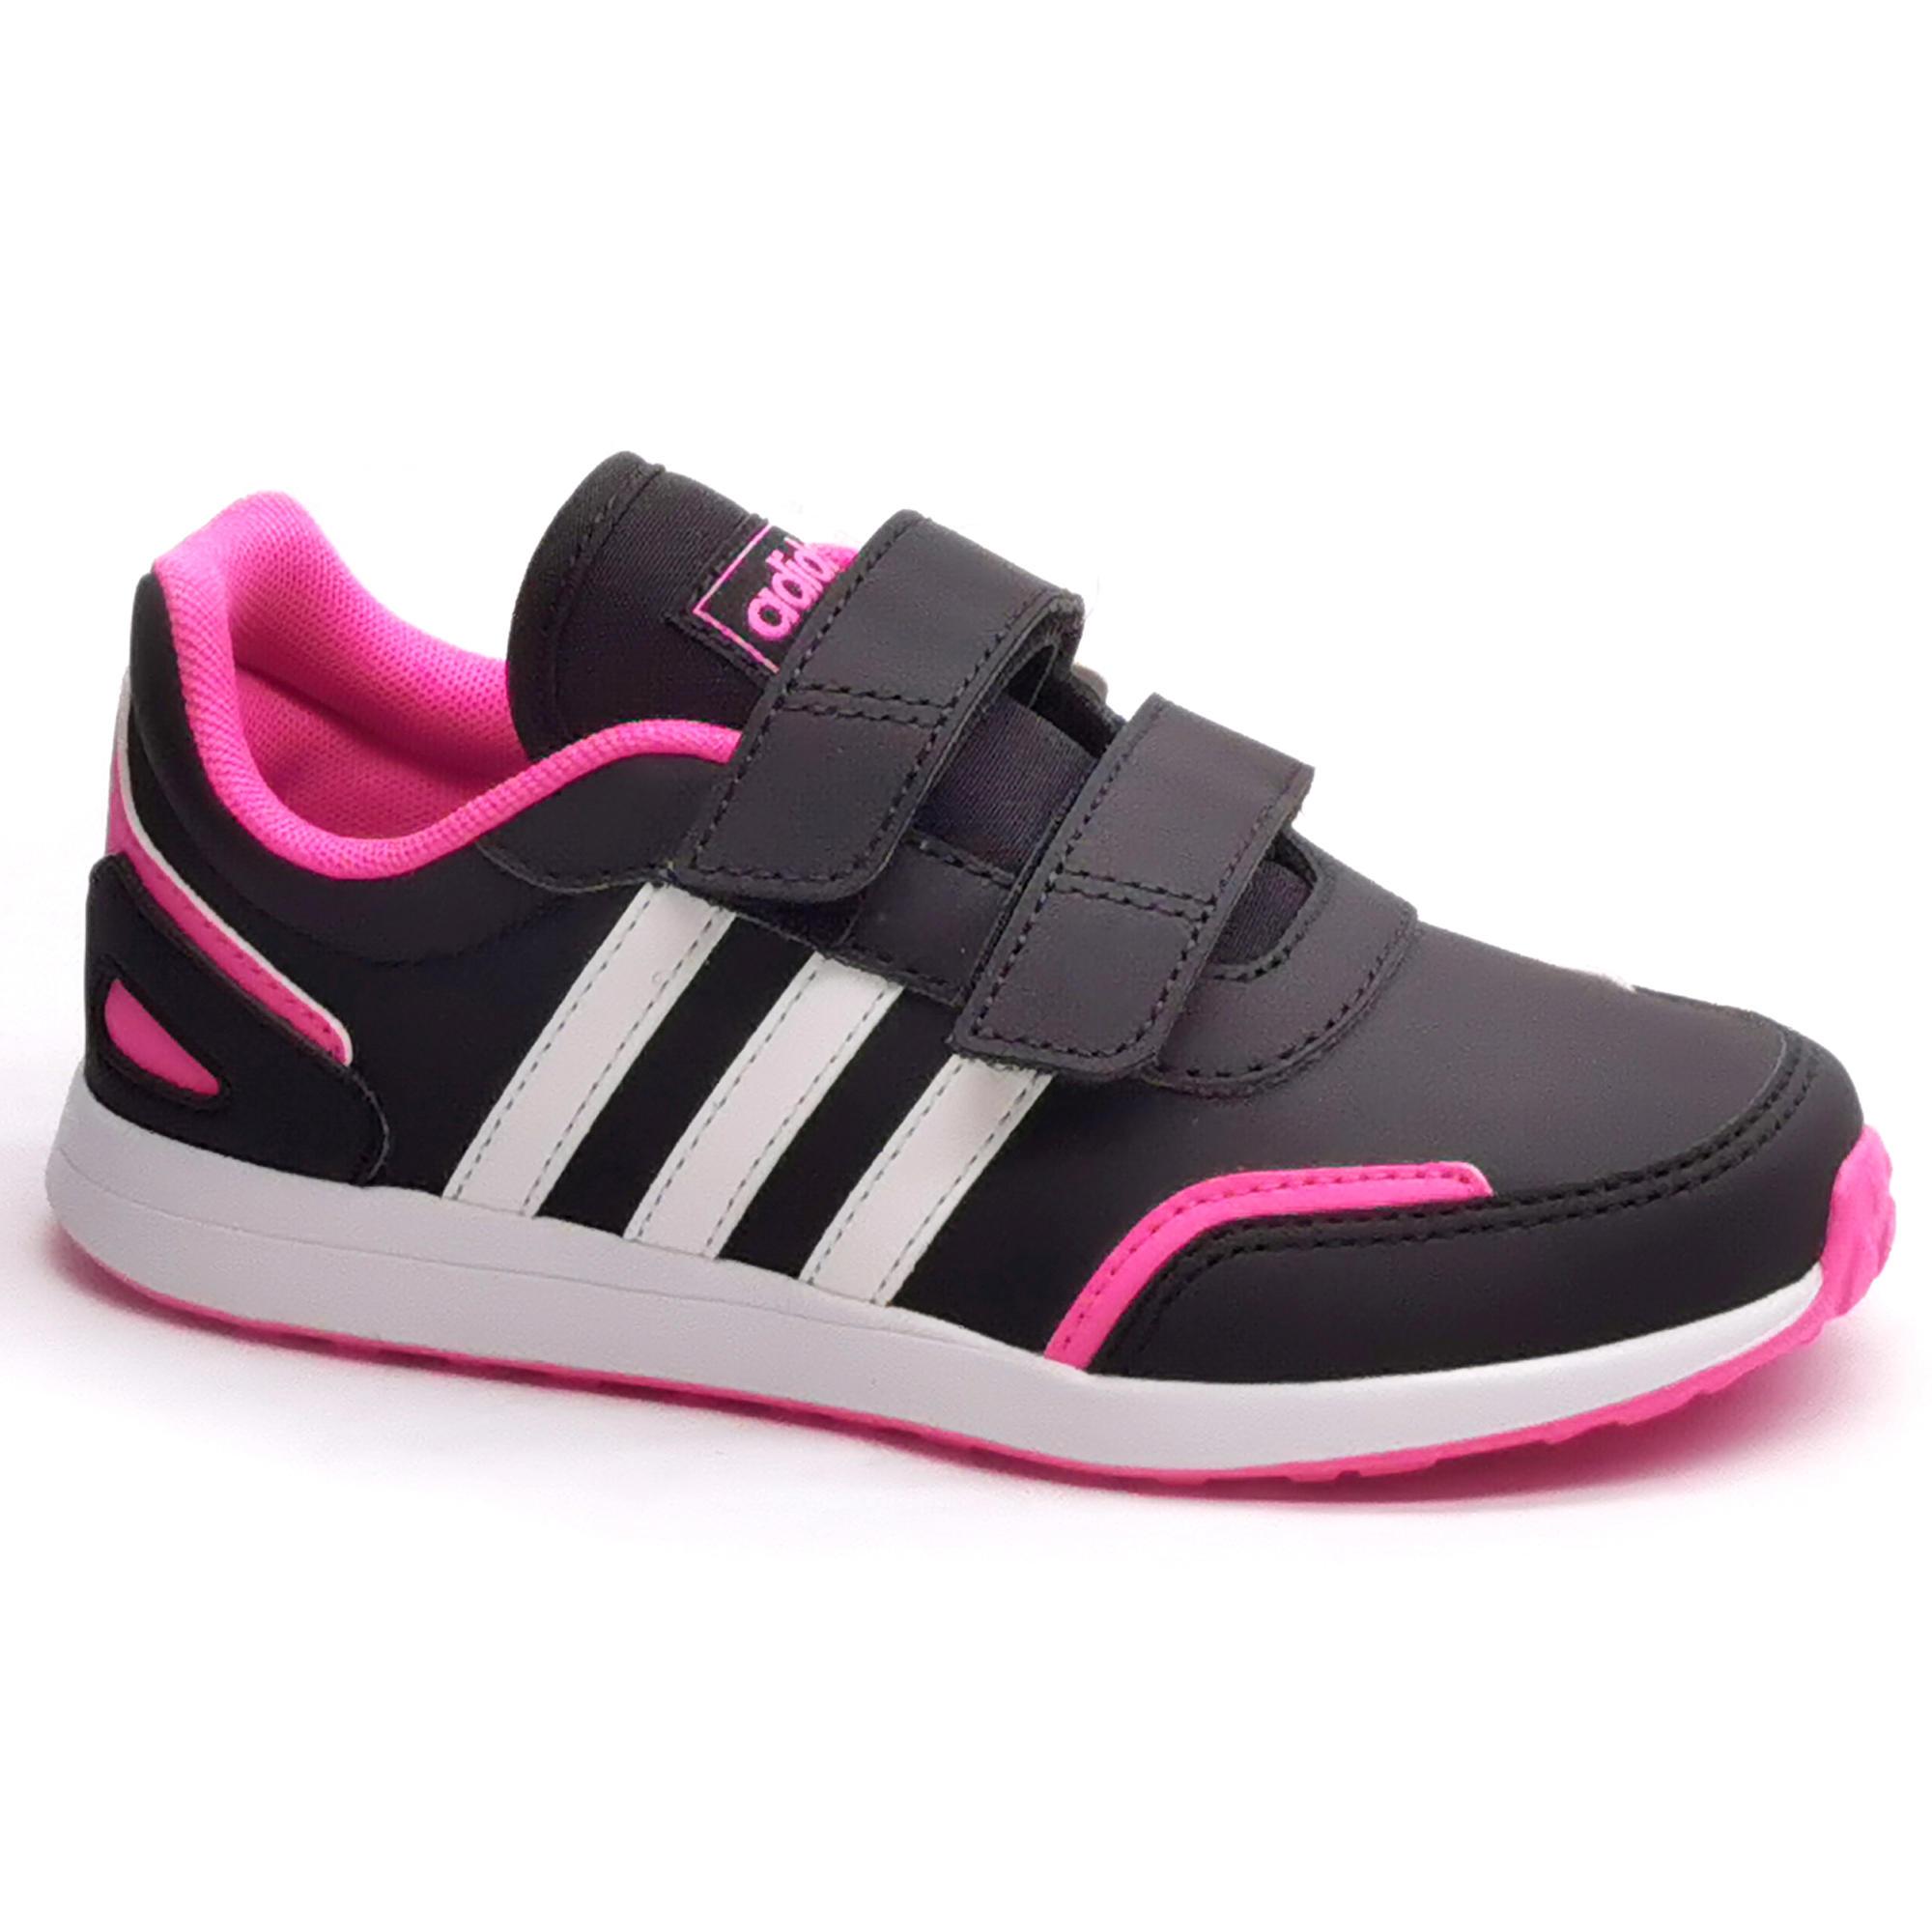 Chaussures de marche enfant Adidas Switch noir / rose velcro ...